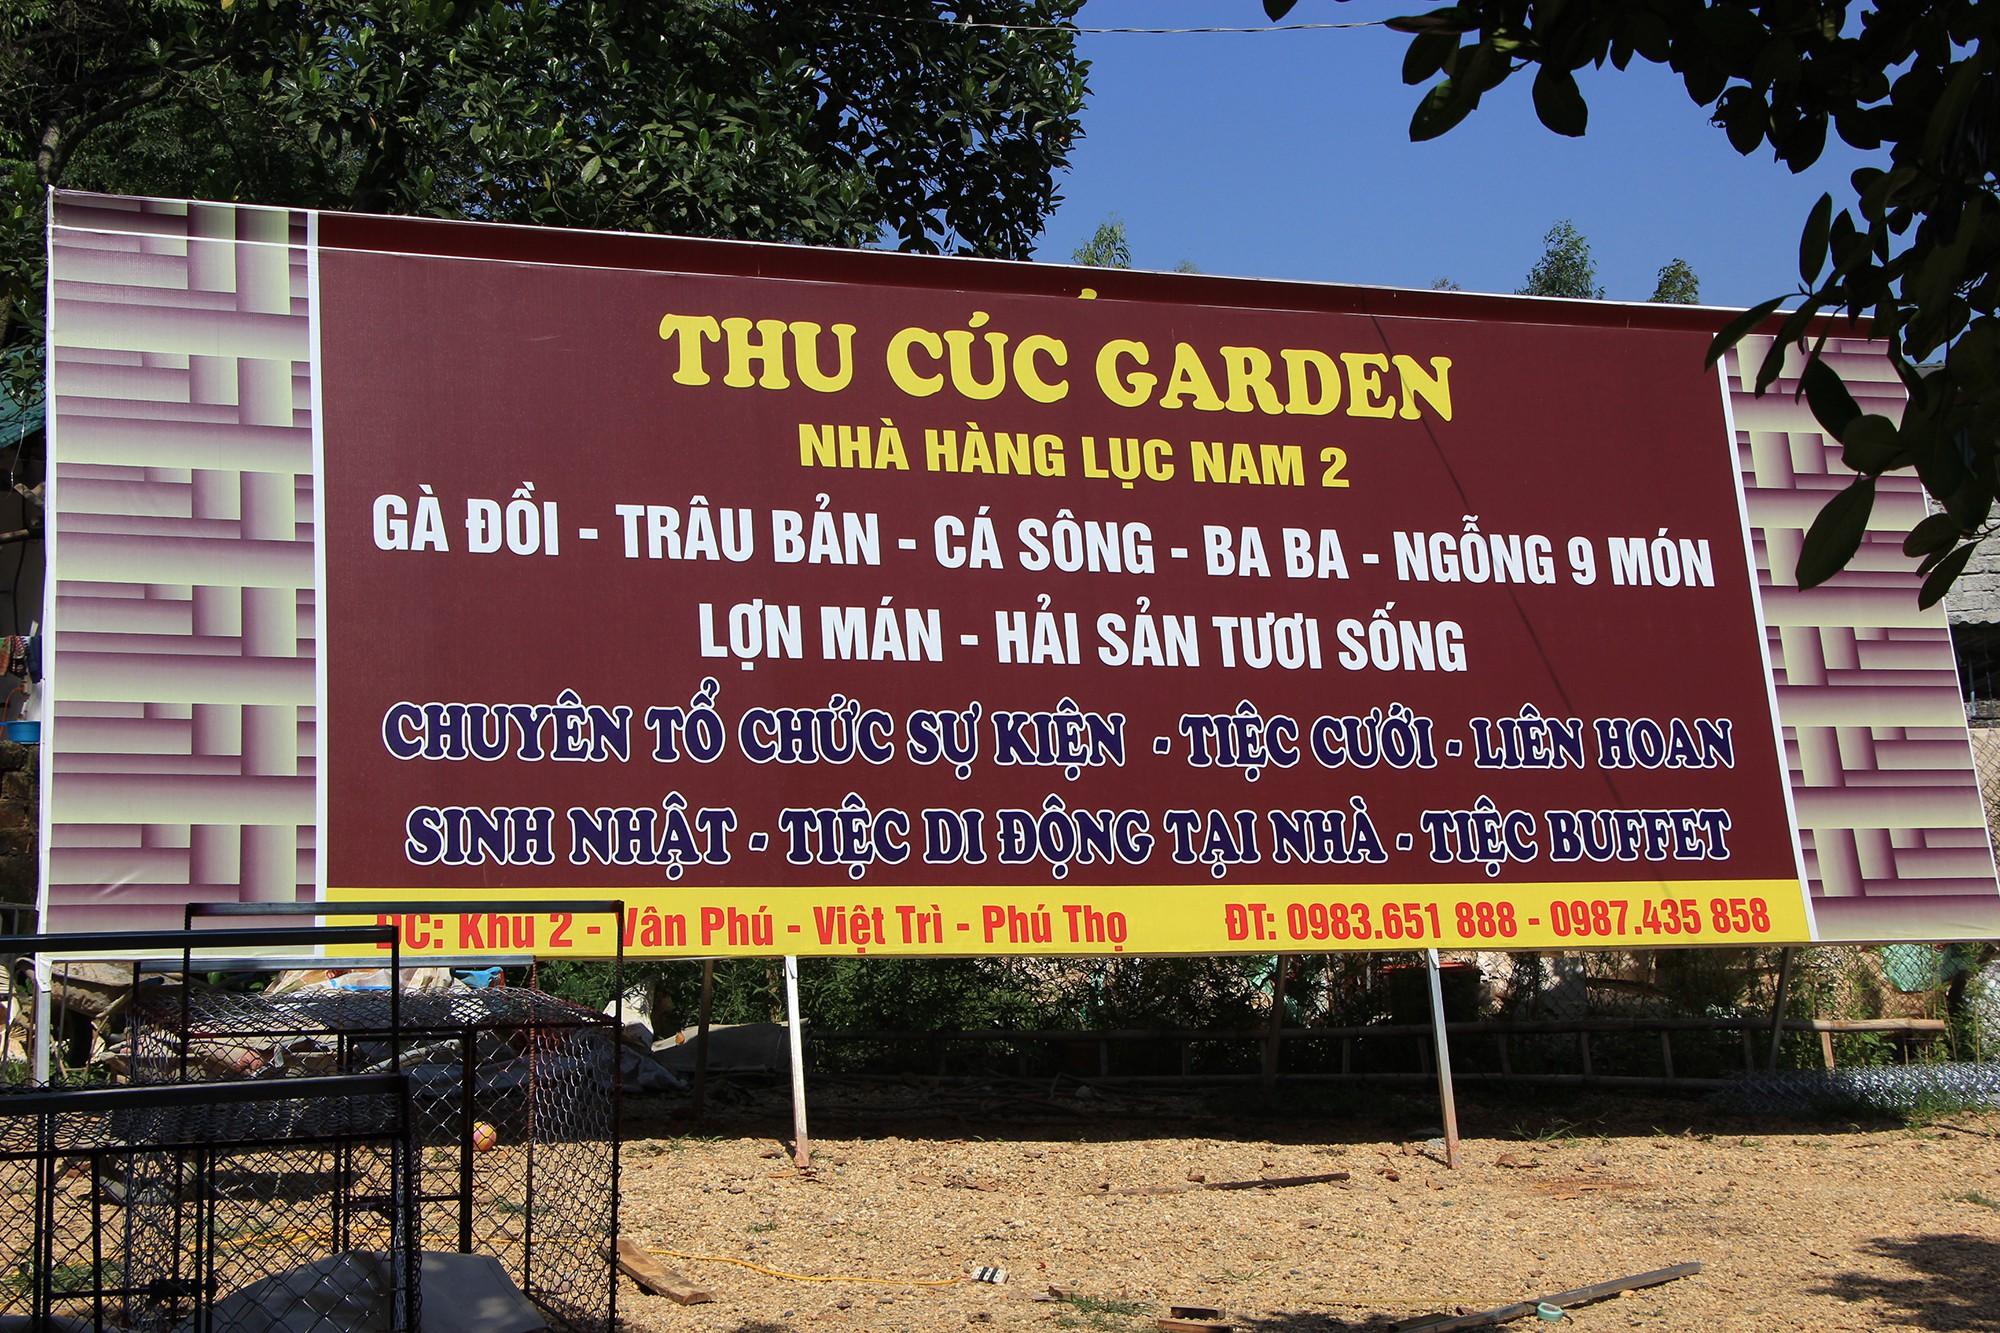 Một biển quảng cáo lớn được lắp ngay trong khu sinh thái vui chơi Thu Cúc Garden.